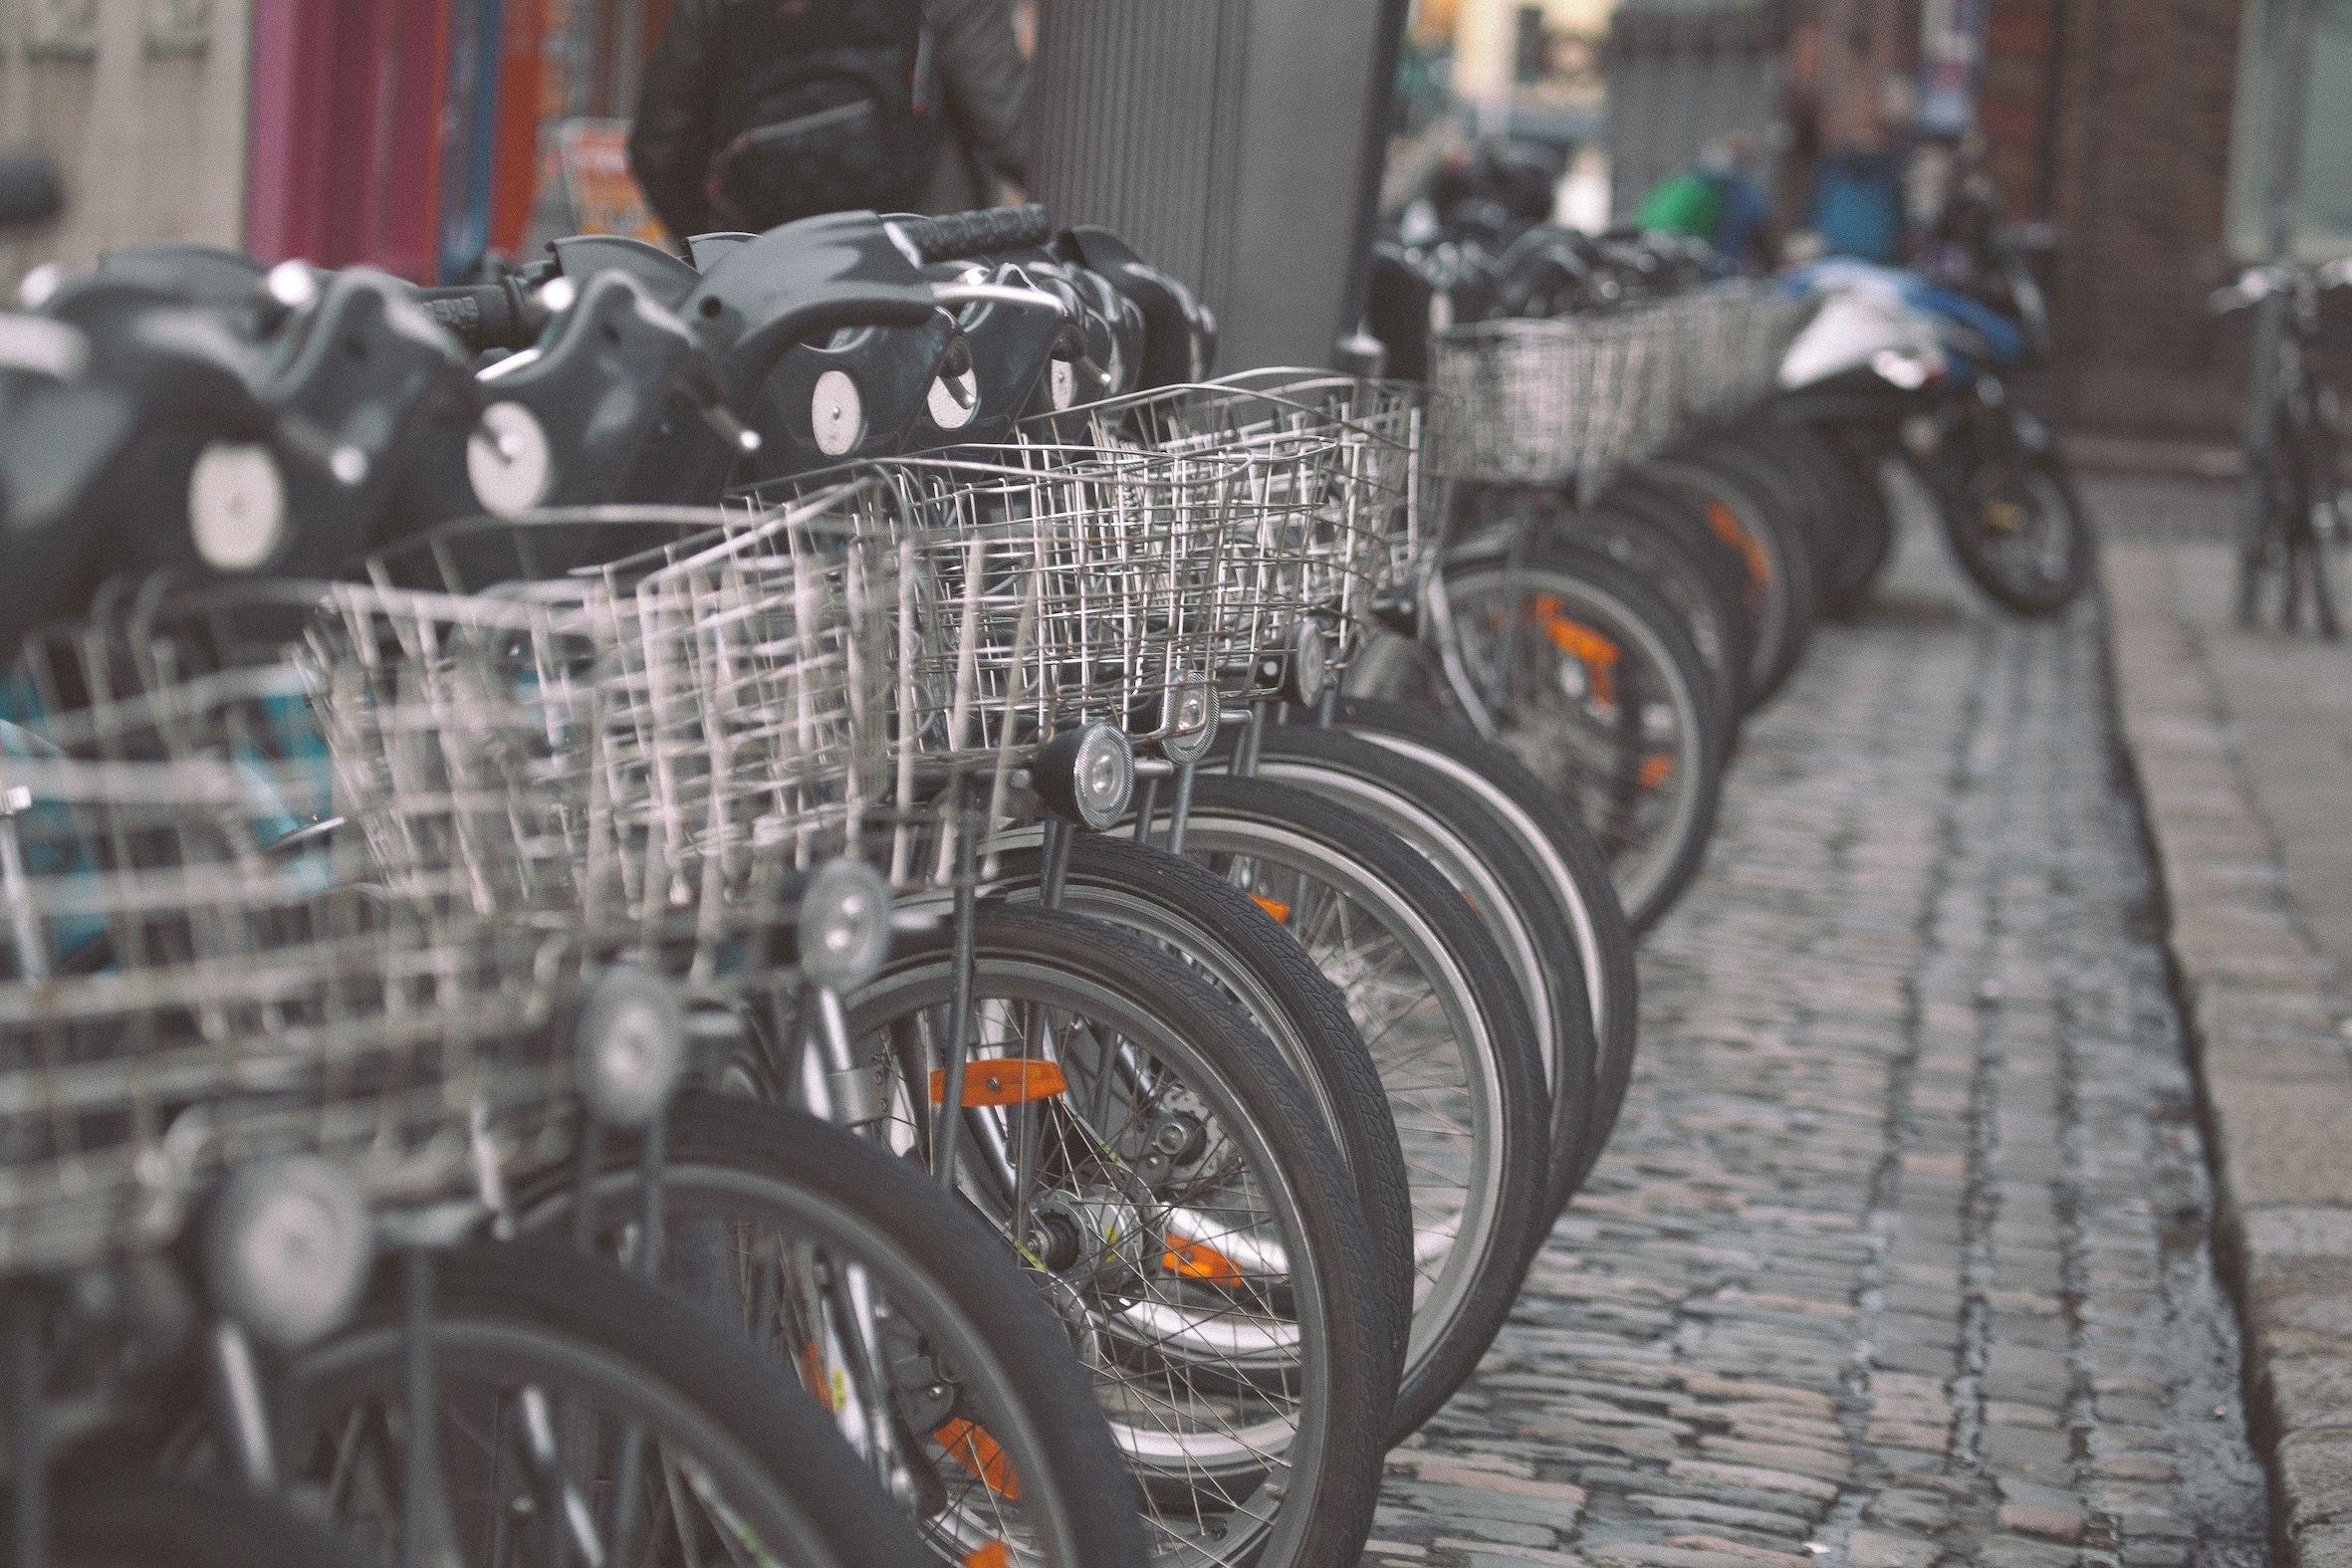 bikeprslides